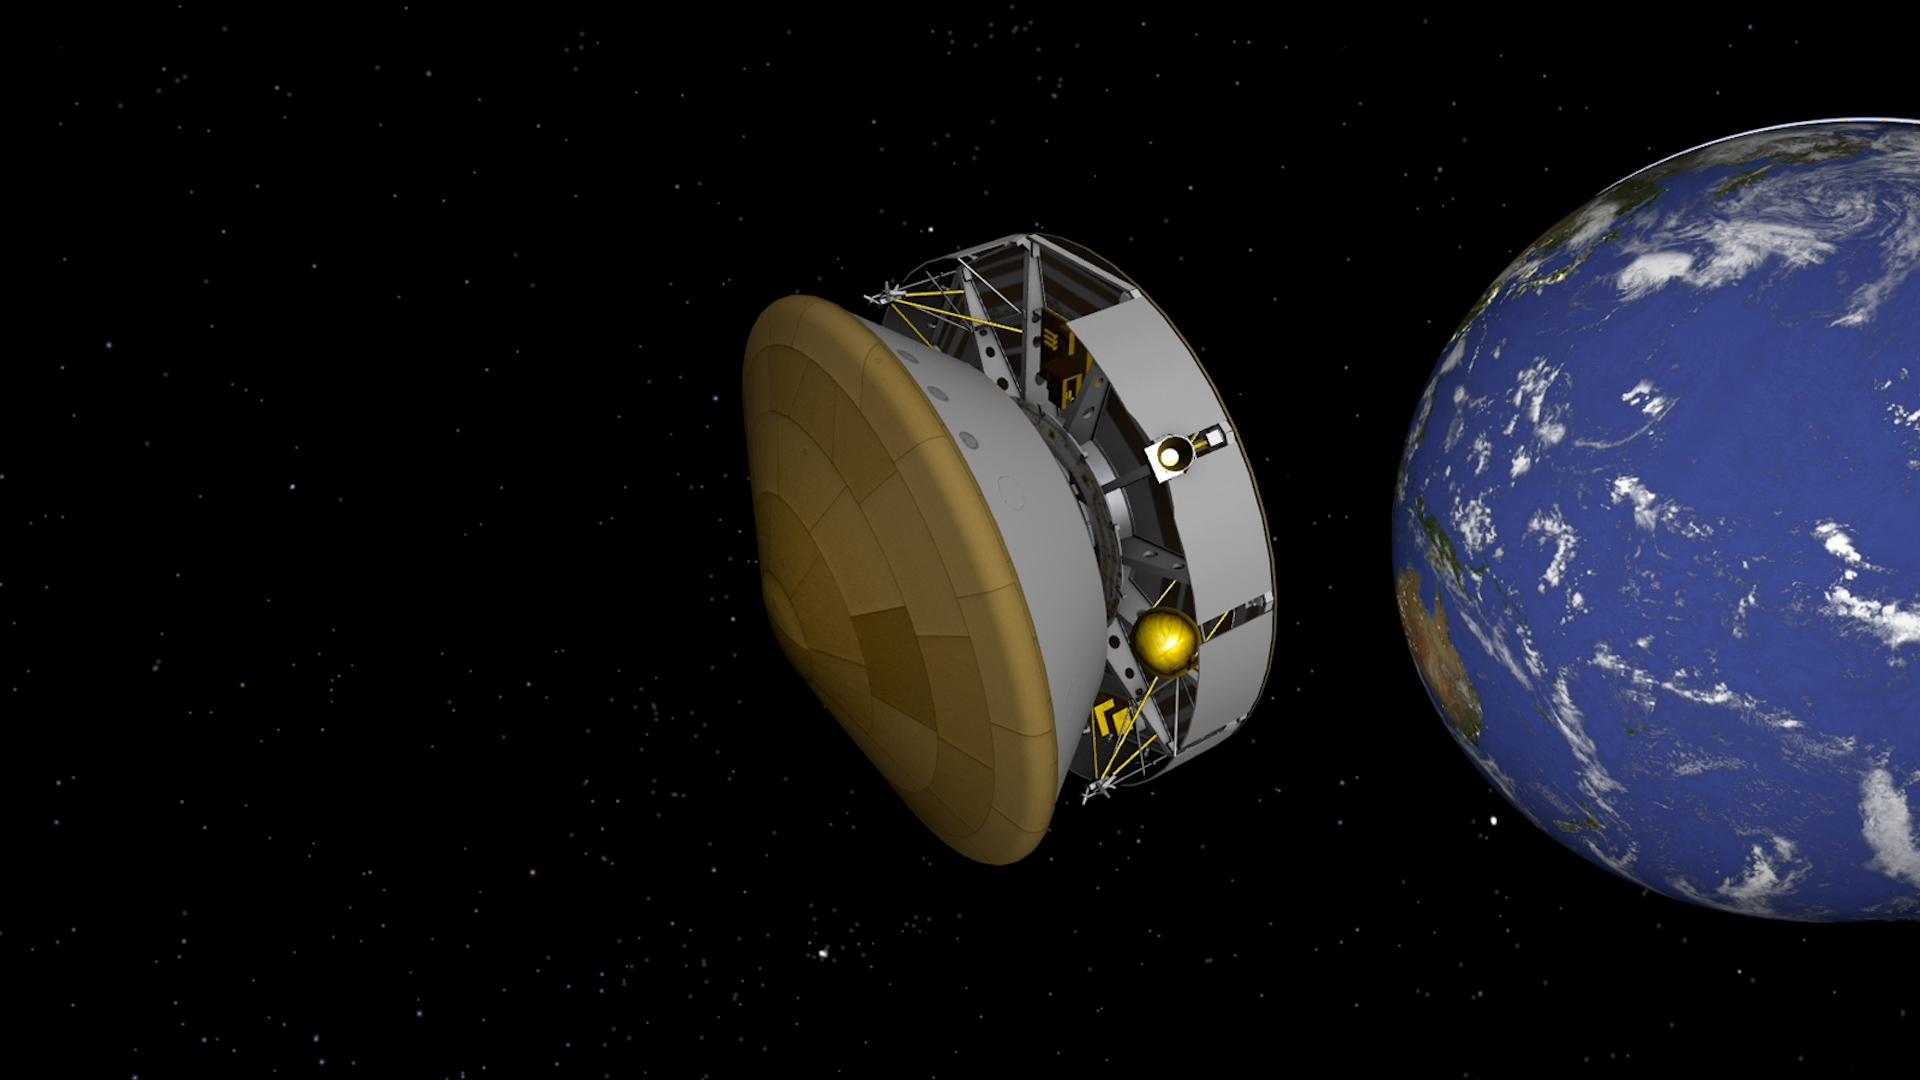 El recorrido del la misión Mars 2020 Perseverance camino a Marte: en vivo